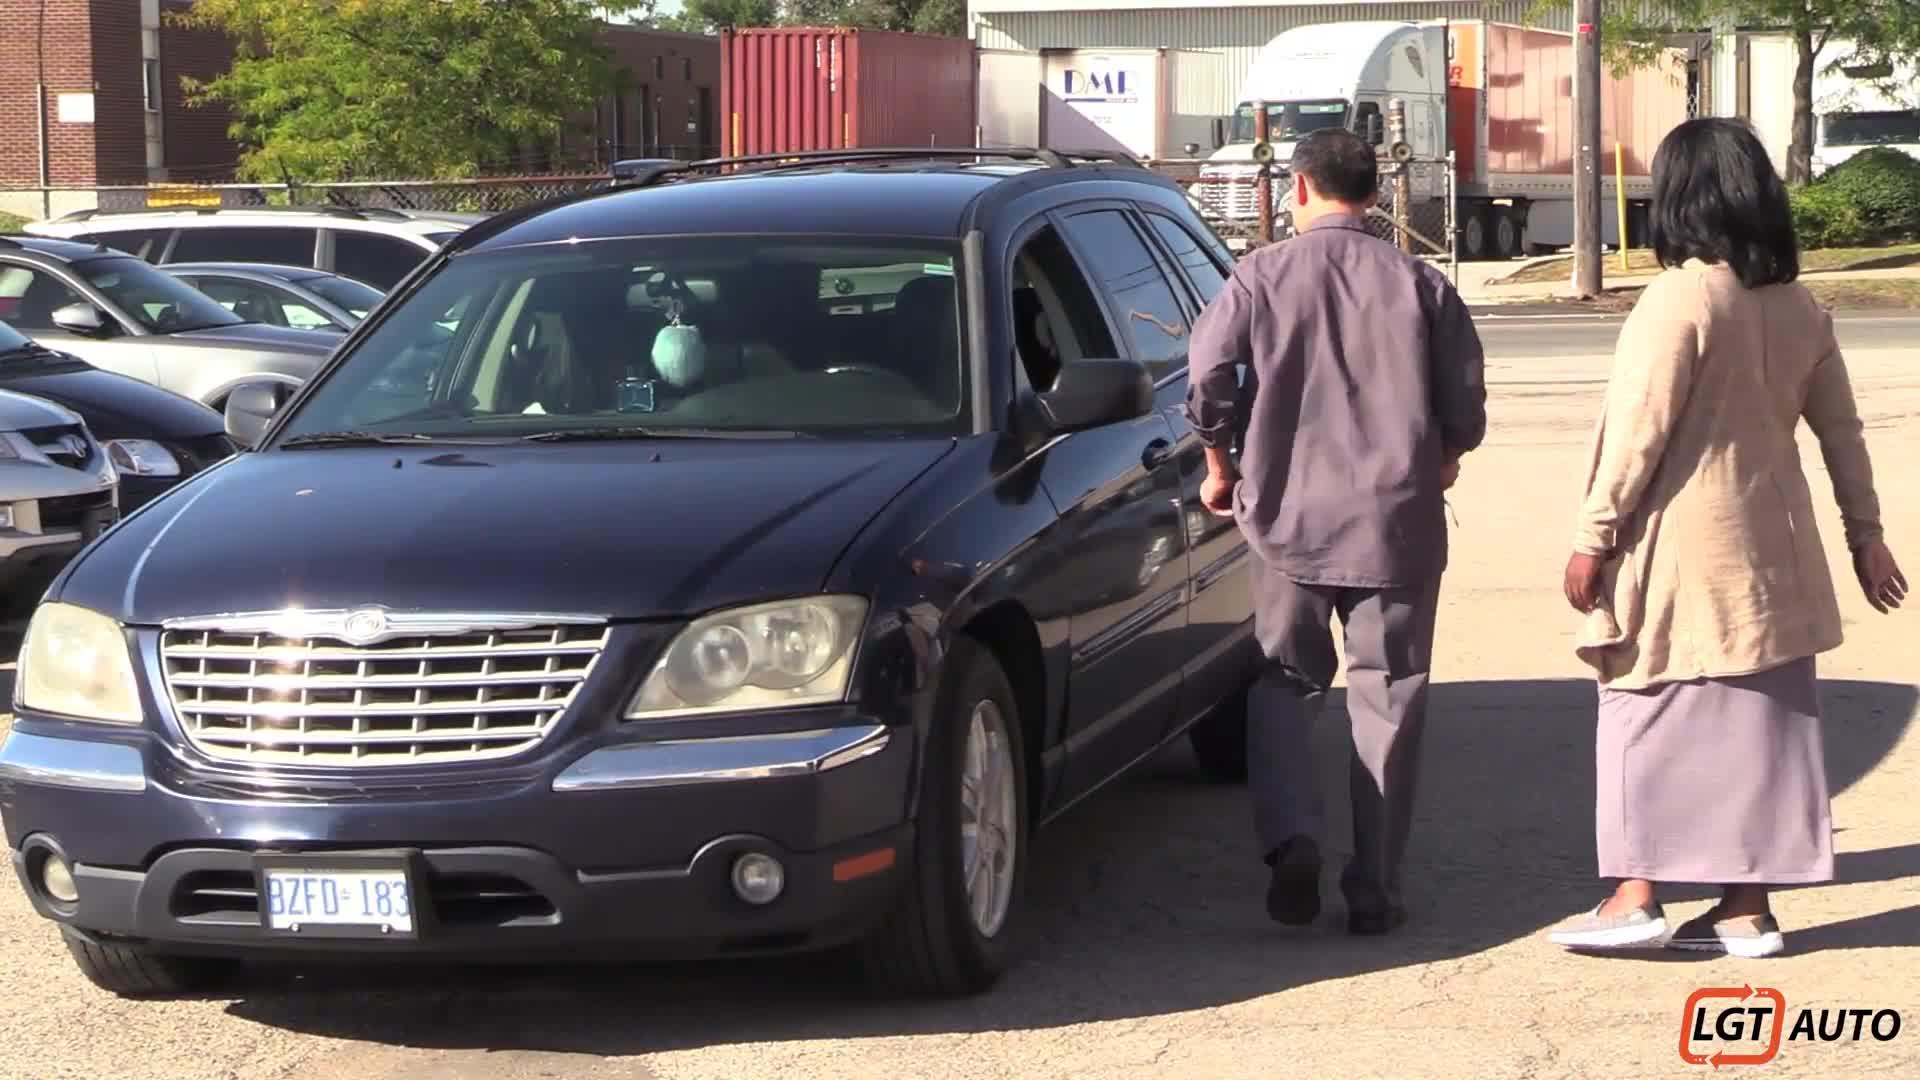 LGT Auto - Auto Repair Garages - 416-755-4137